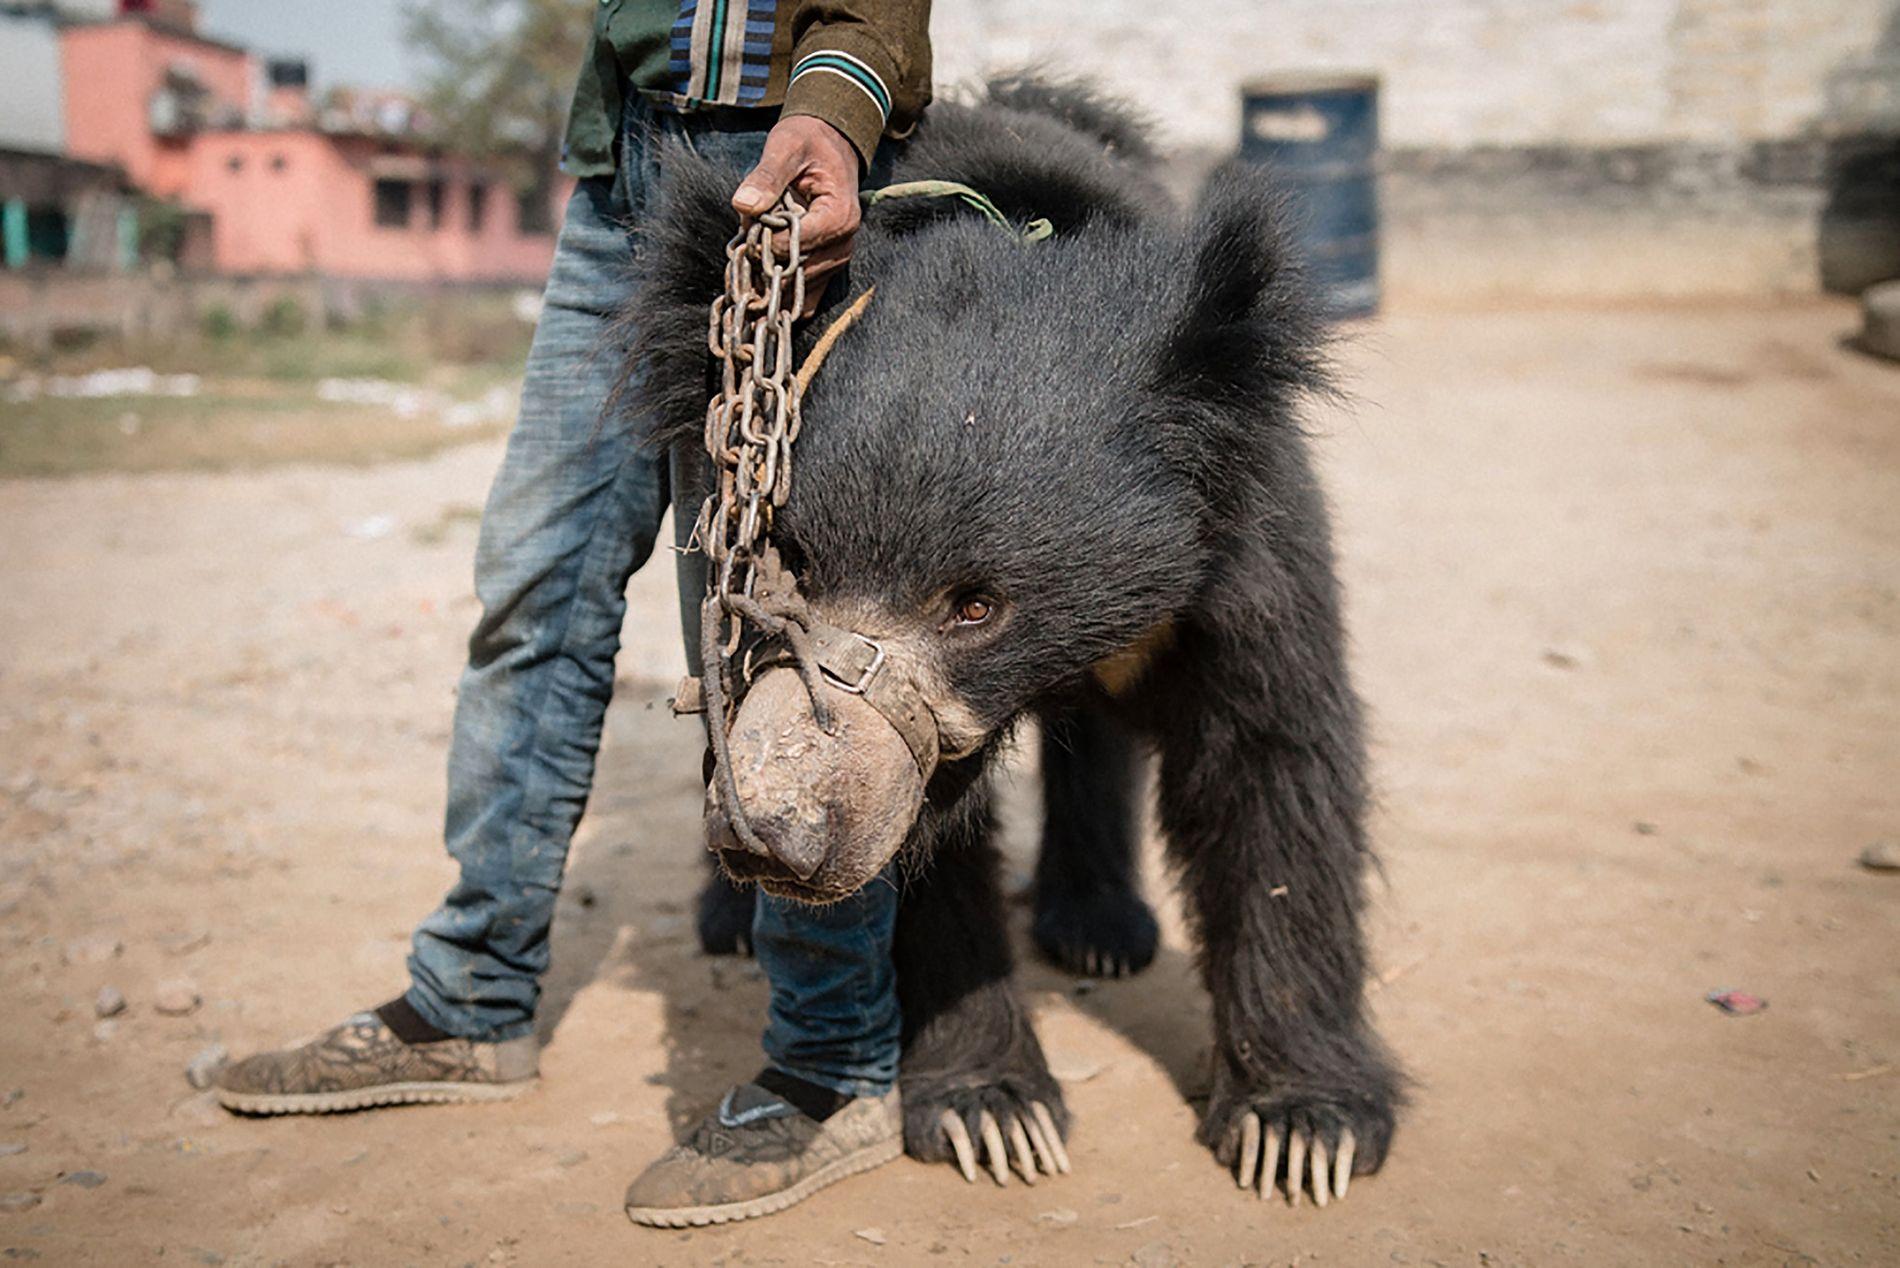 REDDET: Her er en av bjørnene som som ble løslatt fra fangenskapet denne uken. Dette er en av de aller siste dansende bjørnene i Nepal.